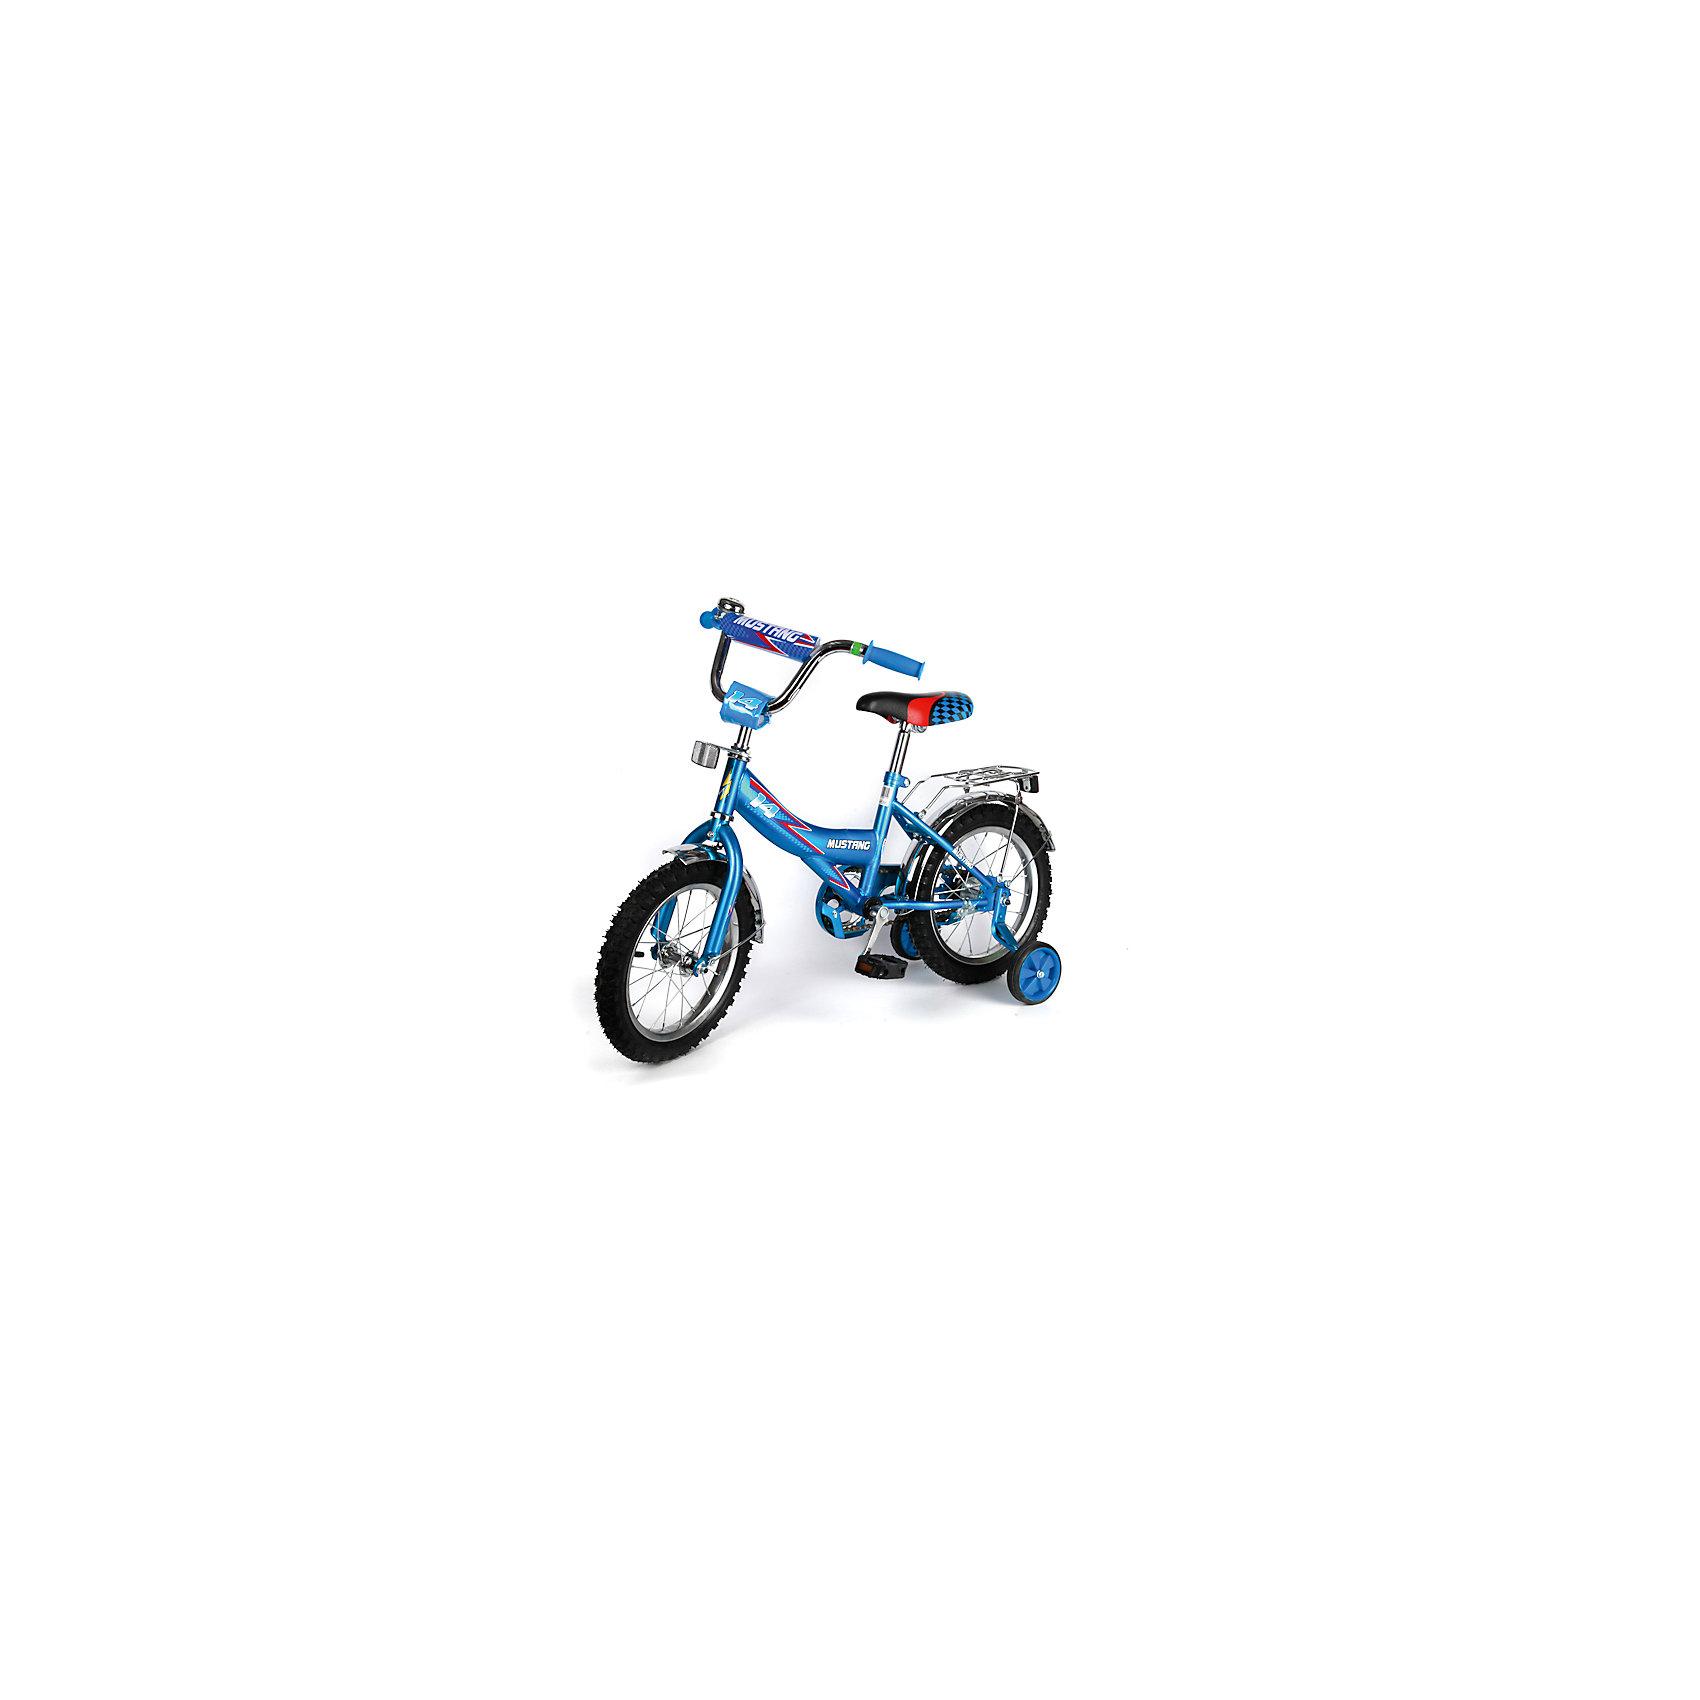 """Детский велосипед,  20"""",  синий, MustangВелосипеды детские<br>Характеристики товара:<br><br>• цвет: синий<br>• низкая Push-рама<br>• диаметр колес: 50 см (20)<br>• 1 скорость<br>• задний ножной тормоз<br>• регулируемый хромированный руль BMX с защитной накладкой<br>• багажник<br>• звонок<br>• приставные пластиковые колеса с усиленным кронштейном<br>• усиленные хромированные крылья<br>• откидная подножка хромированная средняя<br>• полная защита цепи """"Р"""" типа<br>• вес: 13,8 кг<br>• размер в собранном виде: 58х92х129 см<br>• допустимый вес: до 40 кг<br>• рекомендуемый возраст: от 4 лет<br>• страна производства: Китай<br><br>Велосипед детский «Mustang» 20"""" можно купить в нашем магазине.<br><br>Ширина мм: 580<br>Глубина мм: 920<br>Высота мм: 1290<br>Вес г: 13800<br>Возраст от месяцев: 60<br>Возраст до месяцев: 120<br>Пол: Мужской<br>Возраст: Детский<br>SKU: 5526386"""